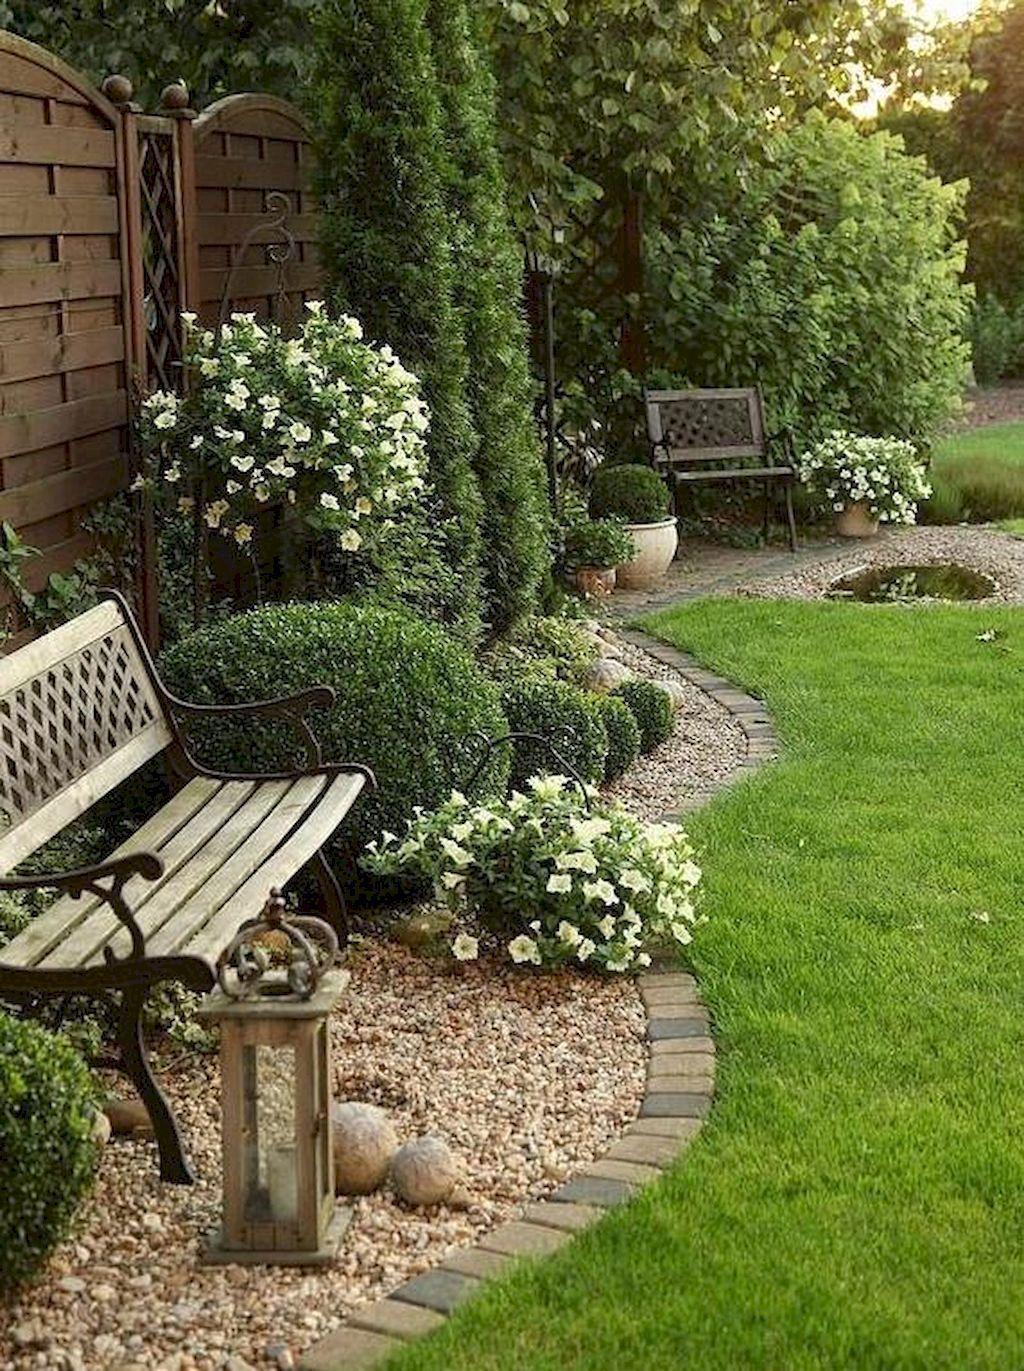 Backyard garden in usa